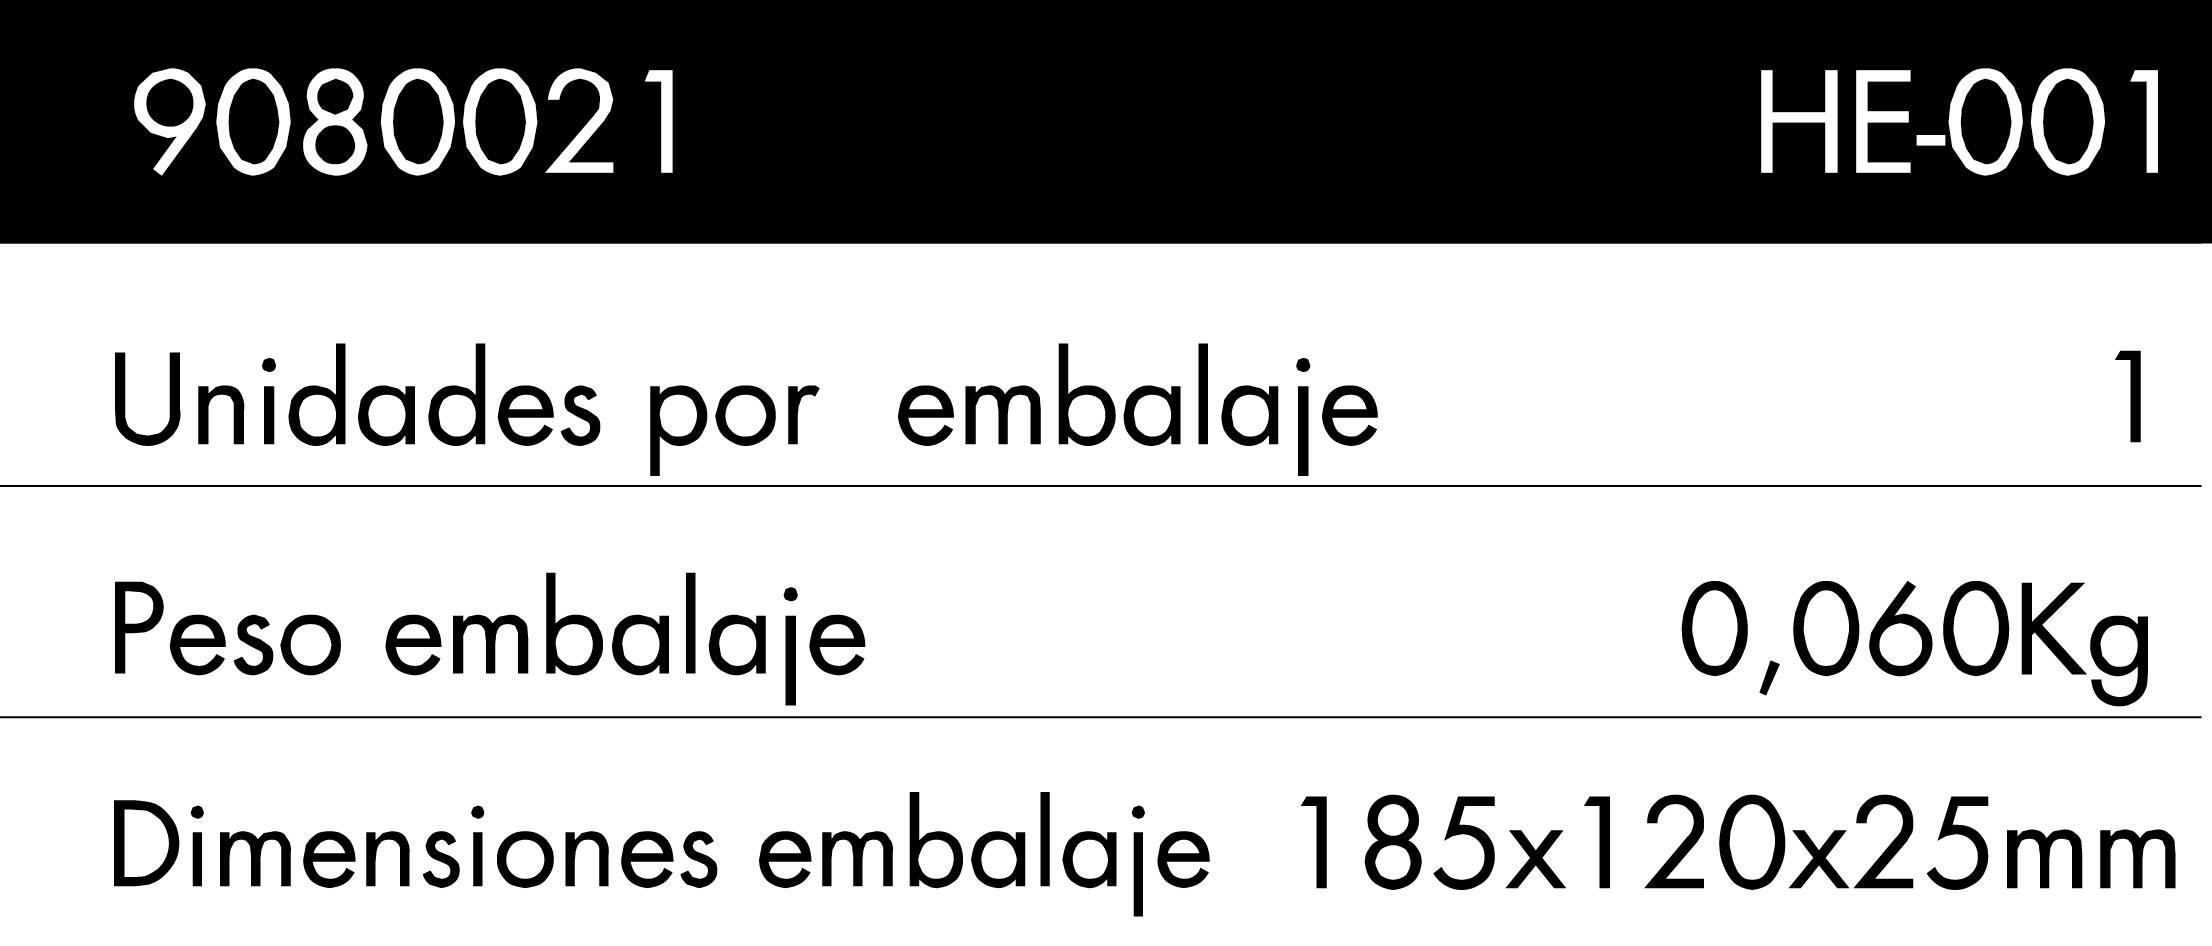 9080021-tablaES.jpg